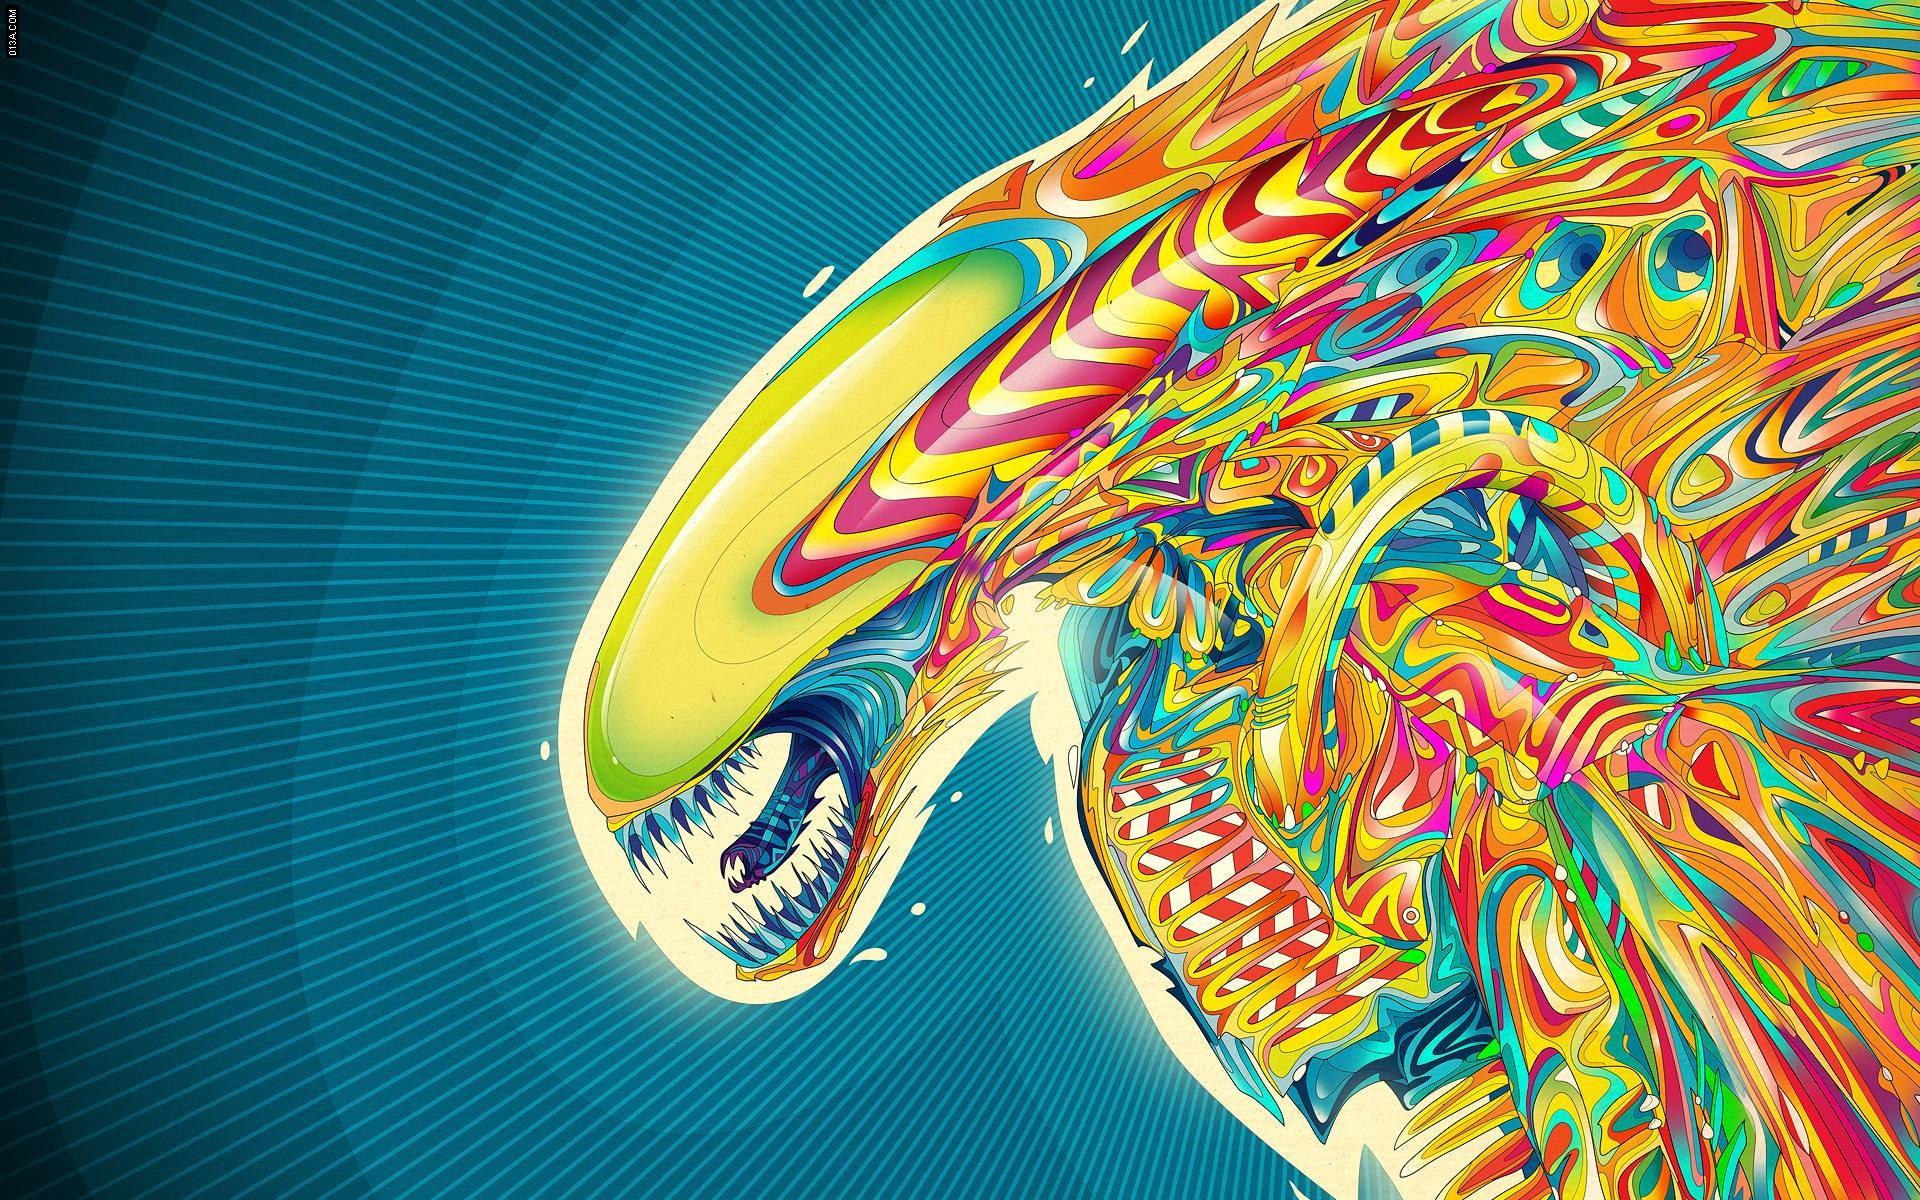 Trippy Wallpaper Full HD #5TnEI